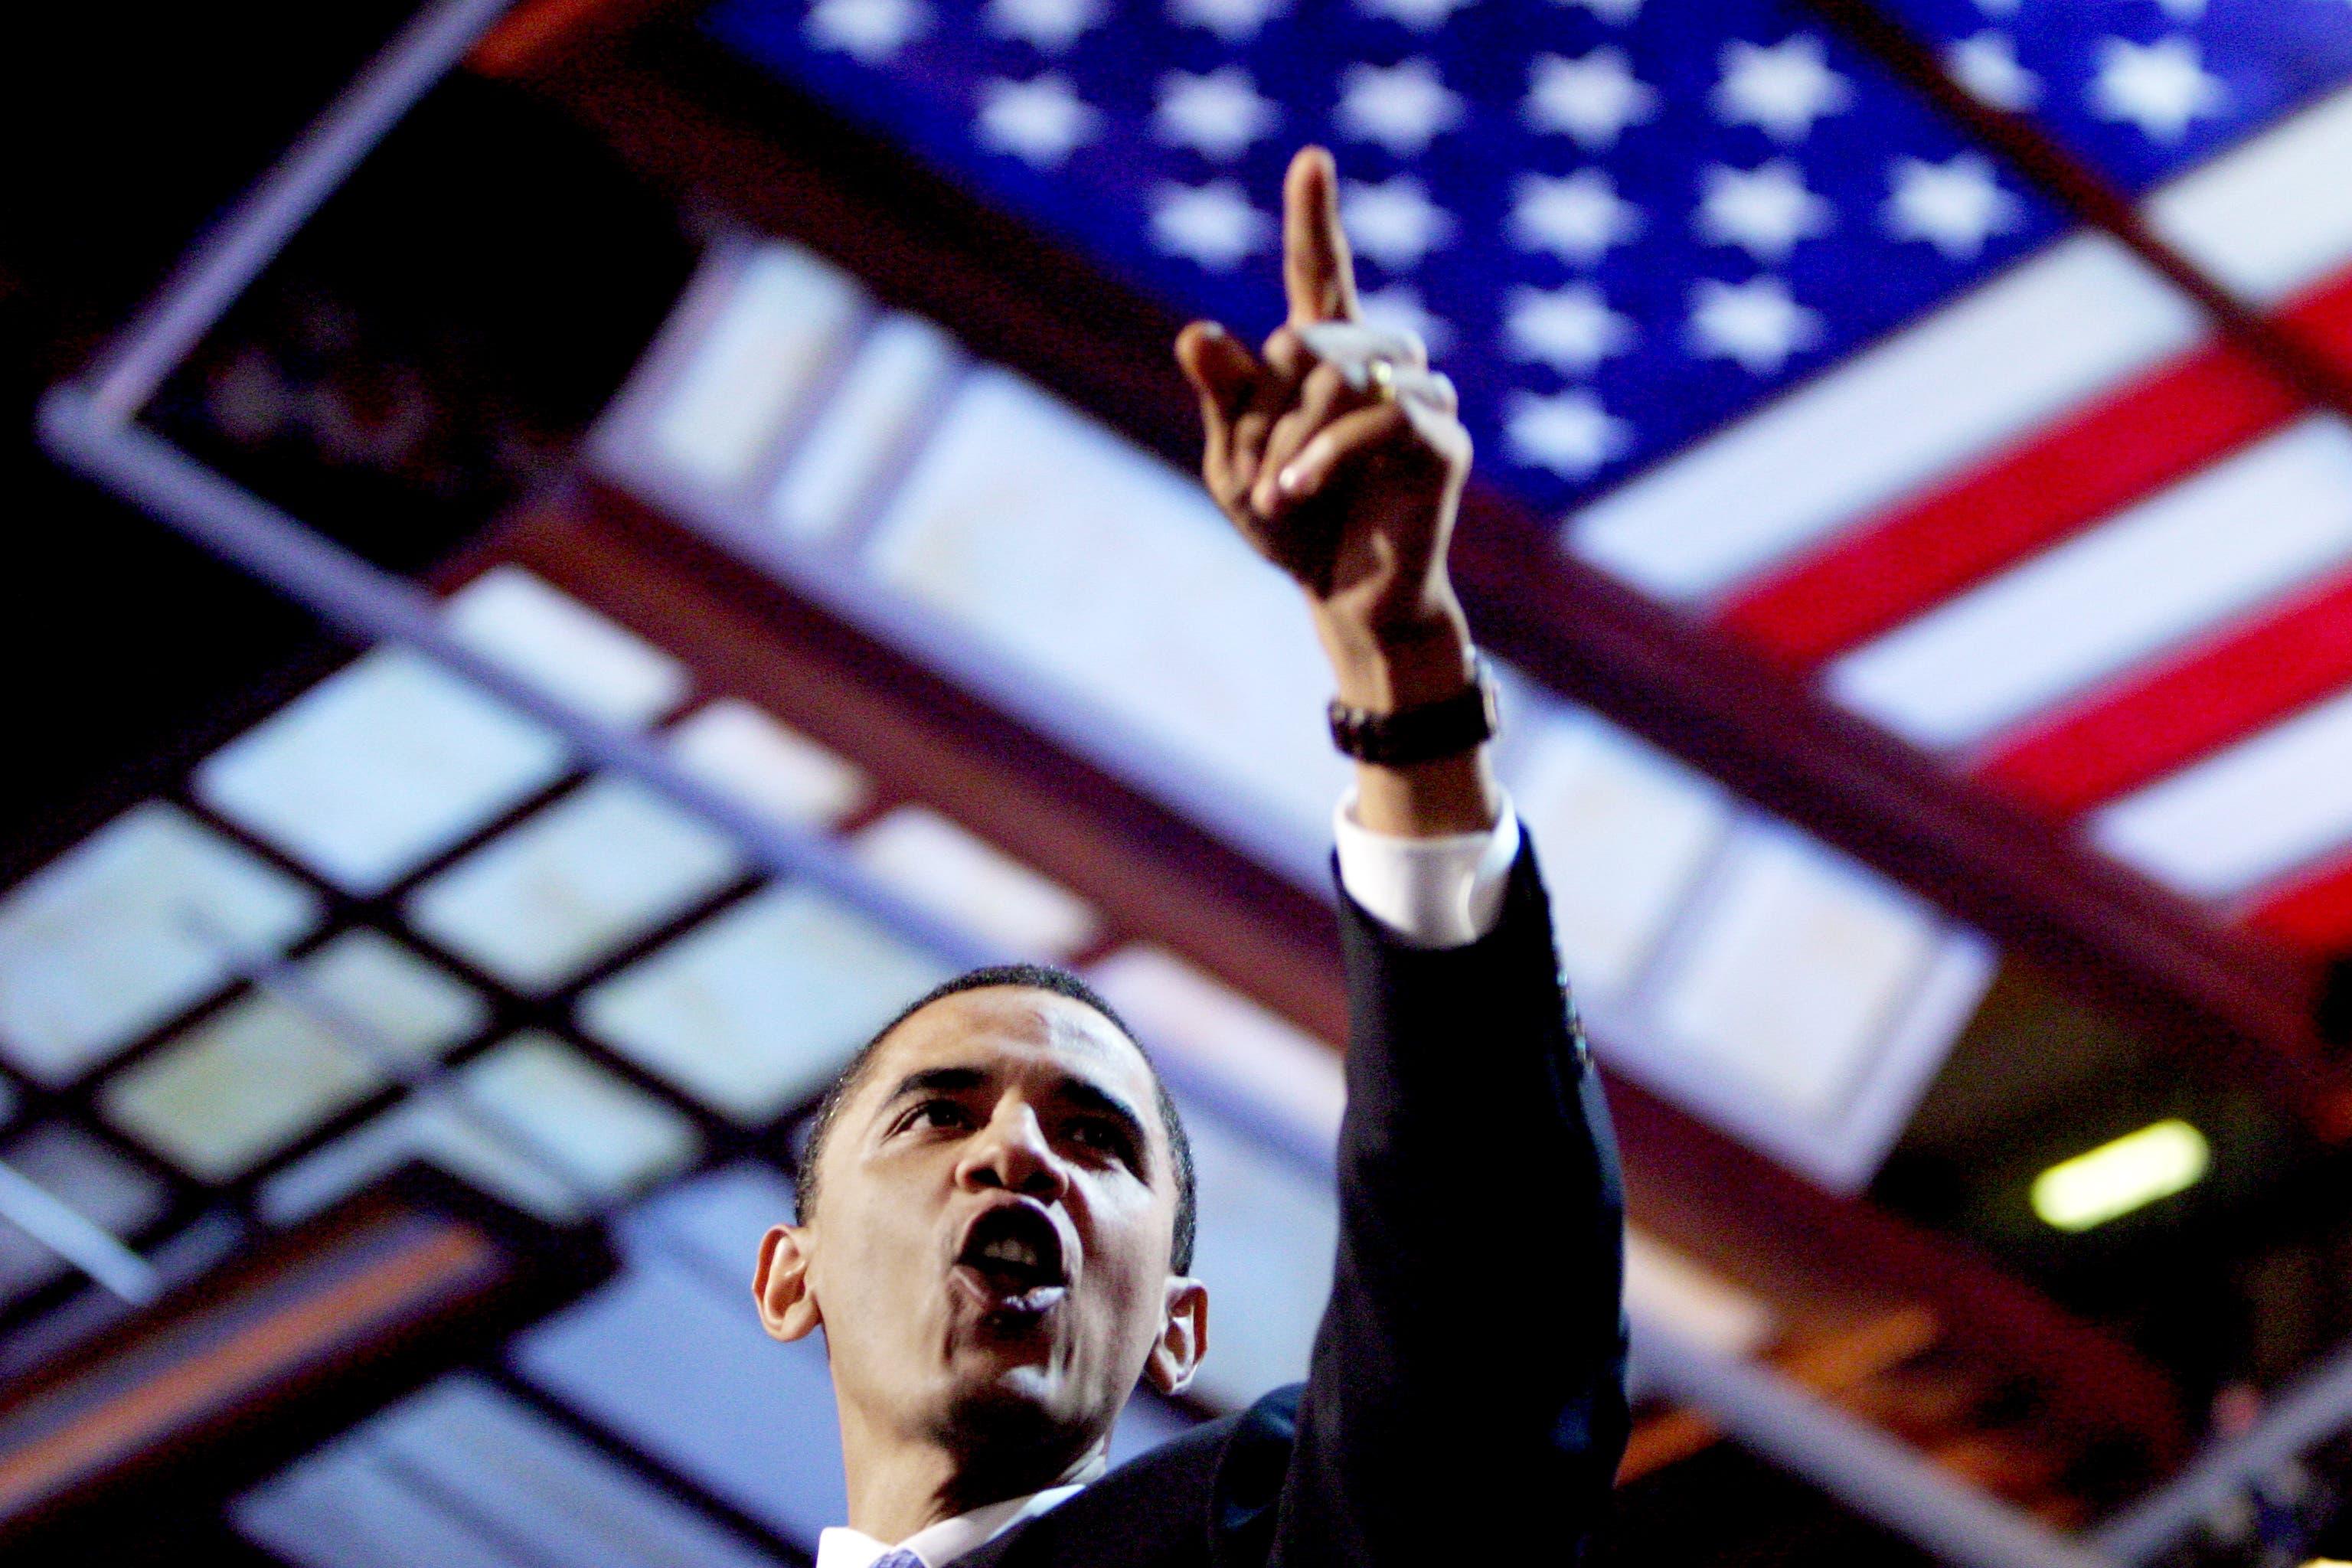 Barack Obama, 2004 Boston Die amerikanischen Parteitage sind immer auch eine Gelegenheit, neuen, noch unbekannten Polit-Talenten eine Bühne zu geben. Kaum einer hat diese Bühne je so geschickt zu nutzen gewusst wie der damalige Senatskandidat Barack Obama. Der damals 43-jährige Regionalpolitiker mit dem «lustigen Namen» (wie er selber sagte) begeisterte die Masse mit seiner Ansprache. «Es gibt keine roten Staaten und keine blauten Staaten, es gibt nur die Vereinigten Staaten», sagte Obama. Vier Jahre später schaffte er den Sprung ins Weisse Haus.